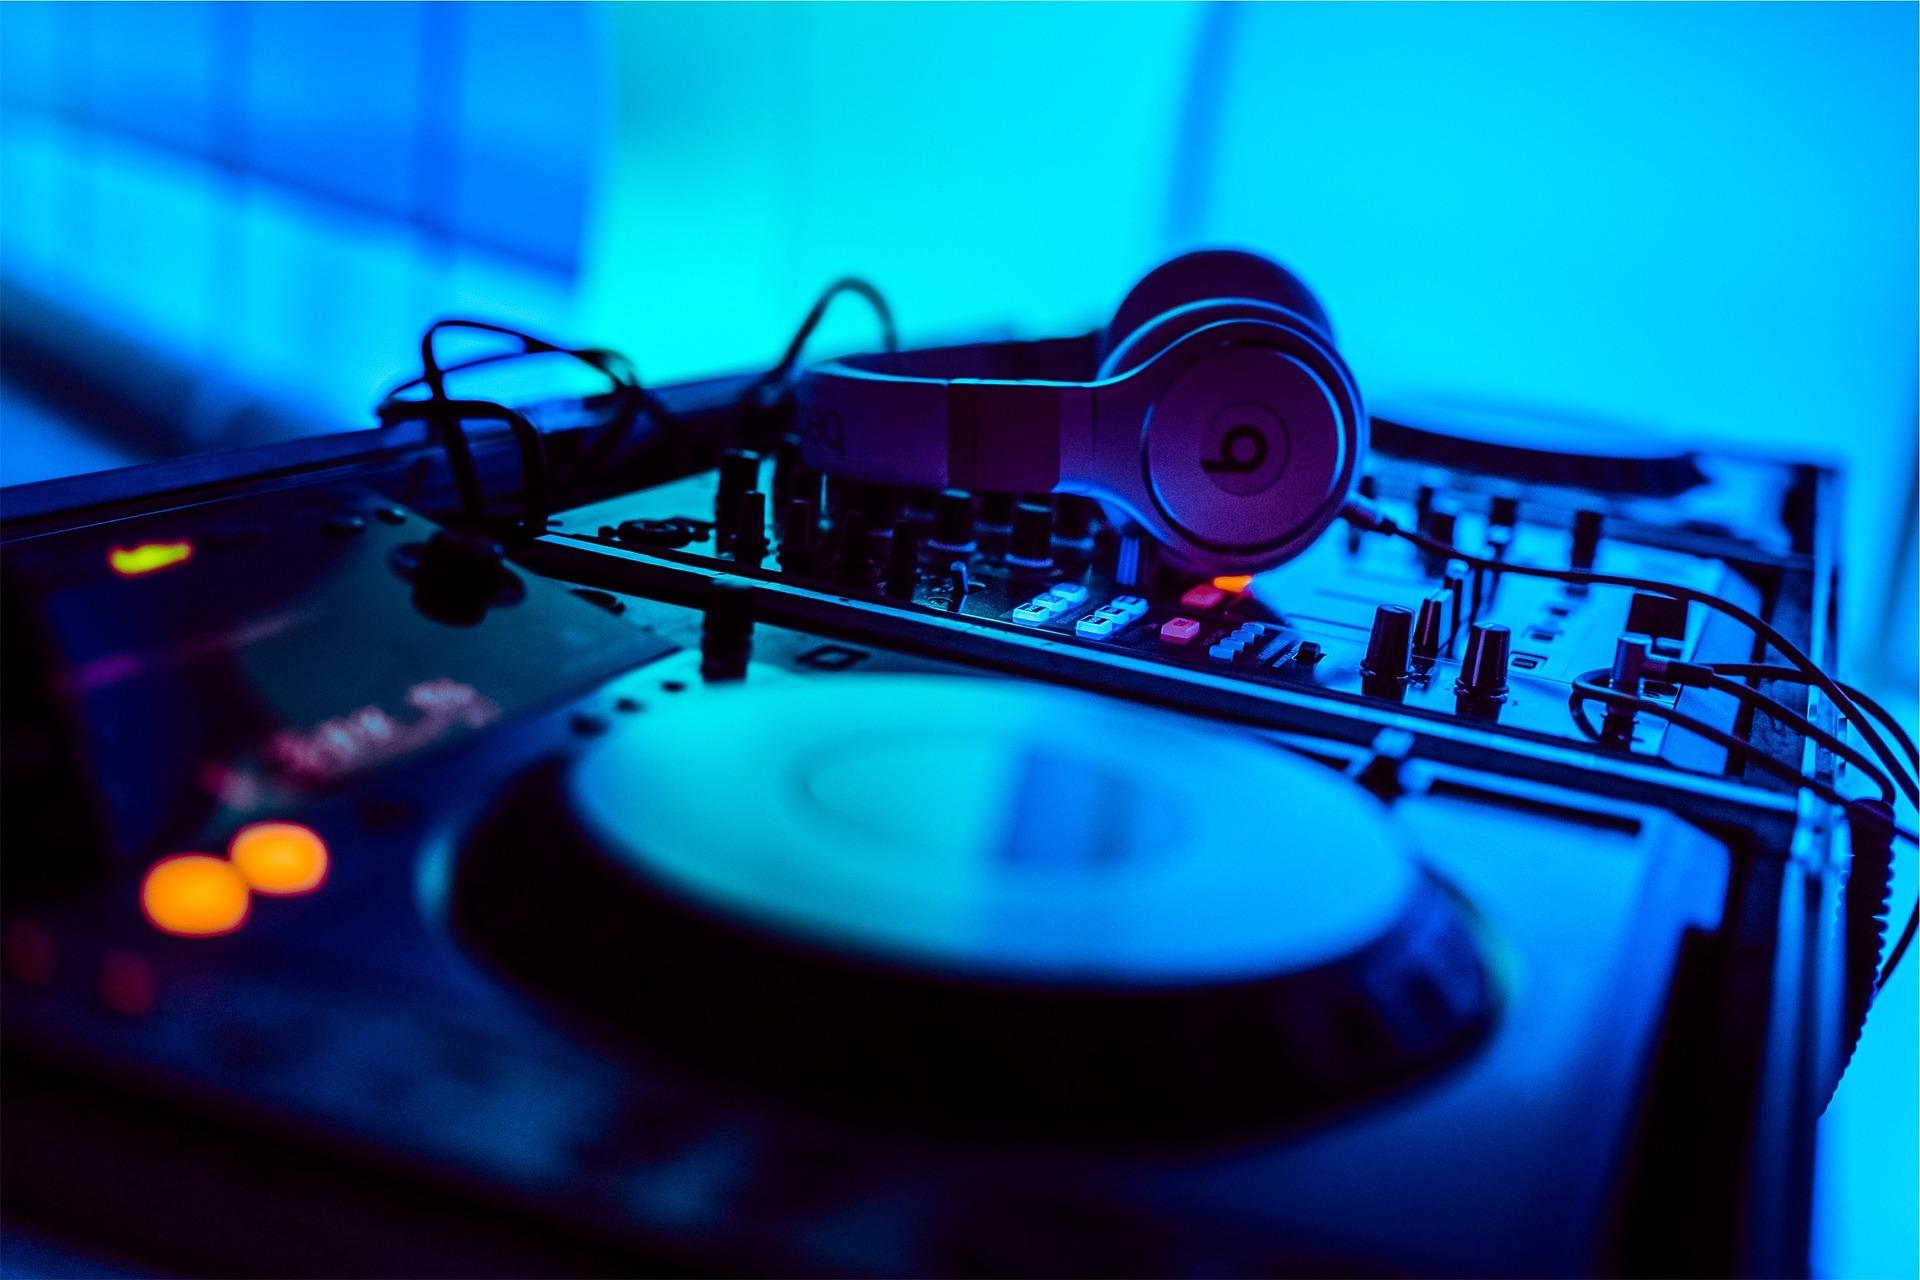 How to make EDM music - DJ or producer